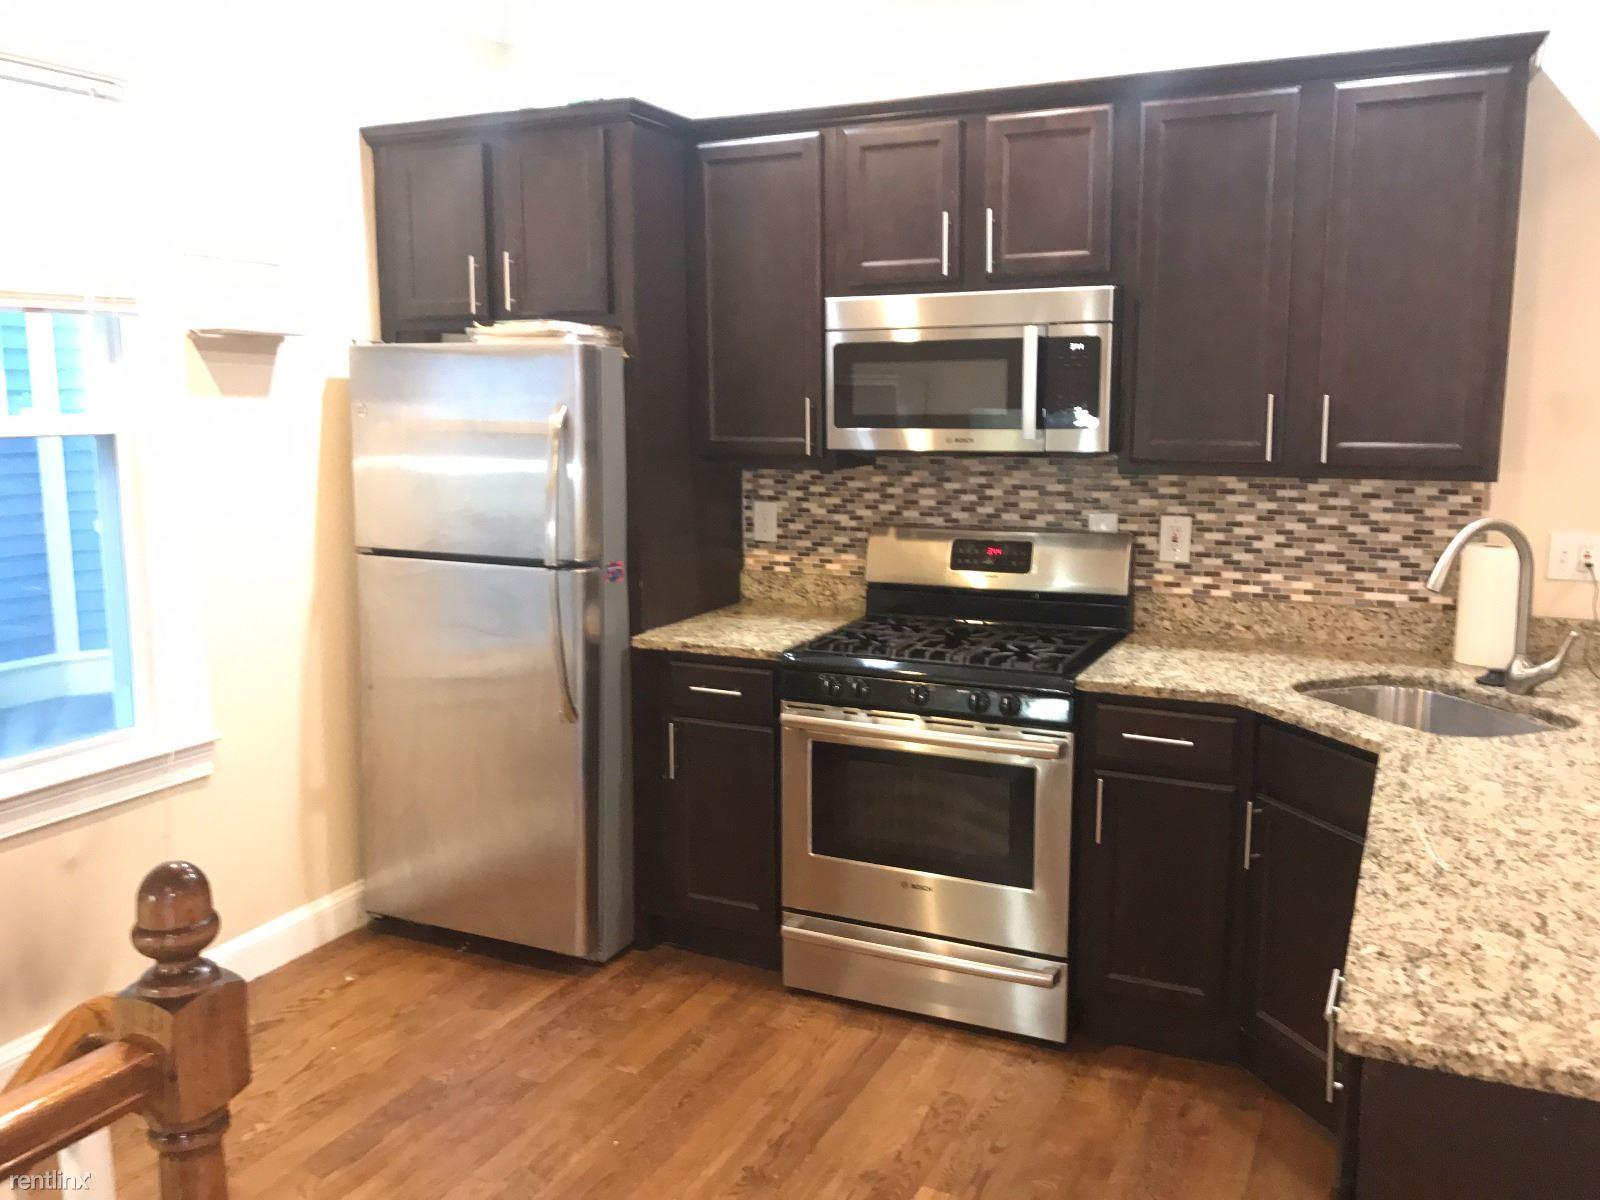 62 Wyman St # 1, Jamaica Plain, MA - $4,500